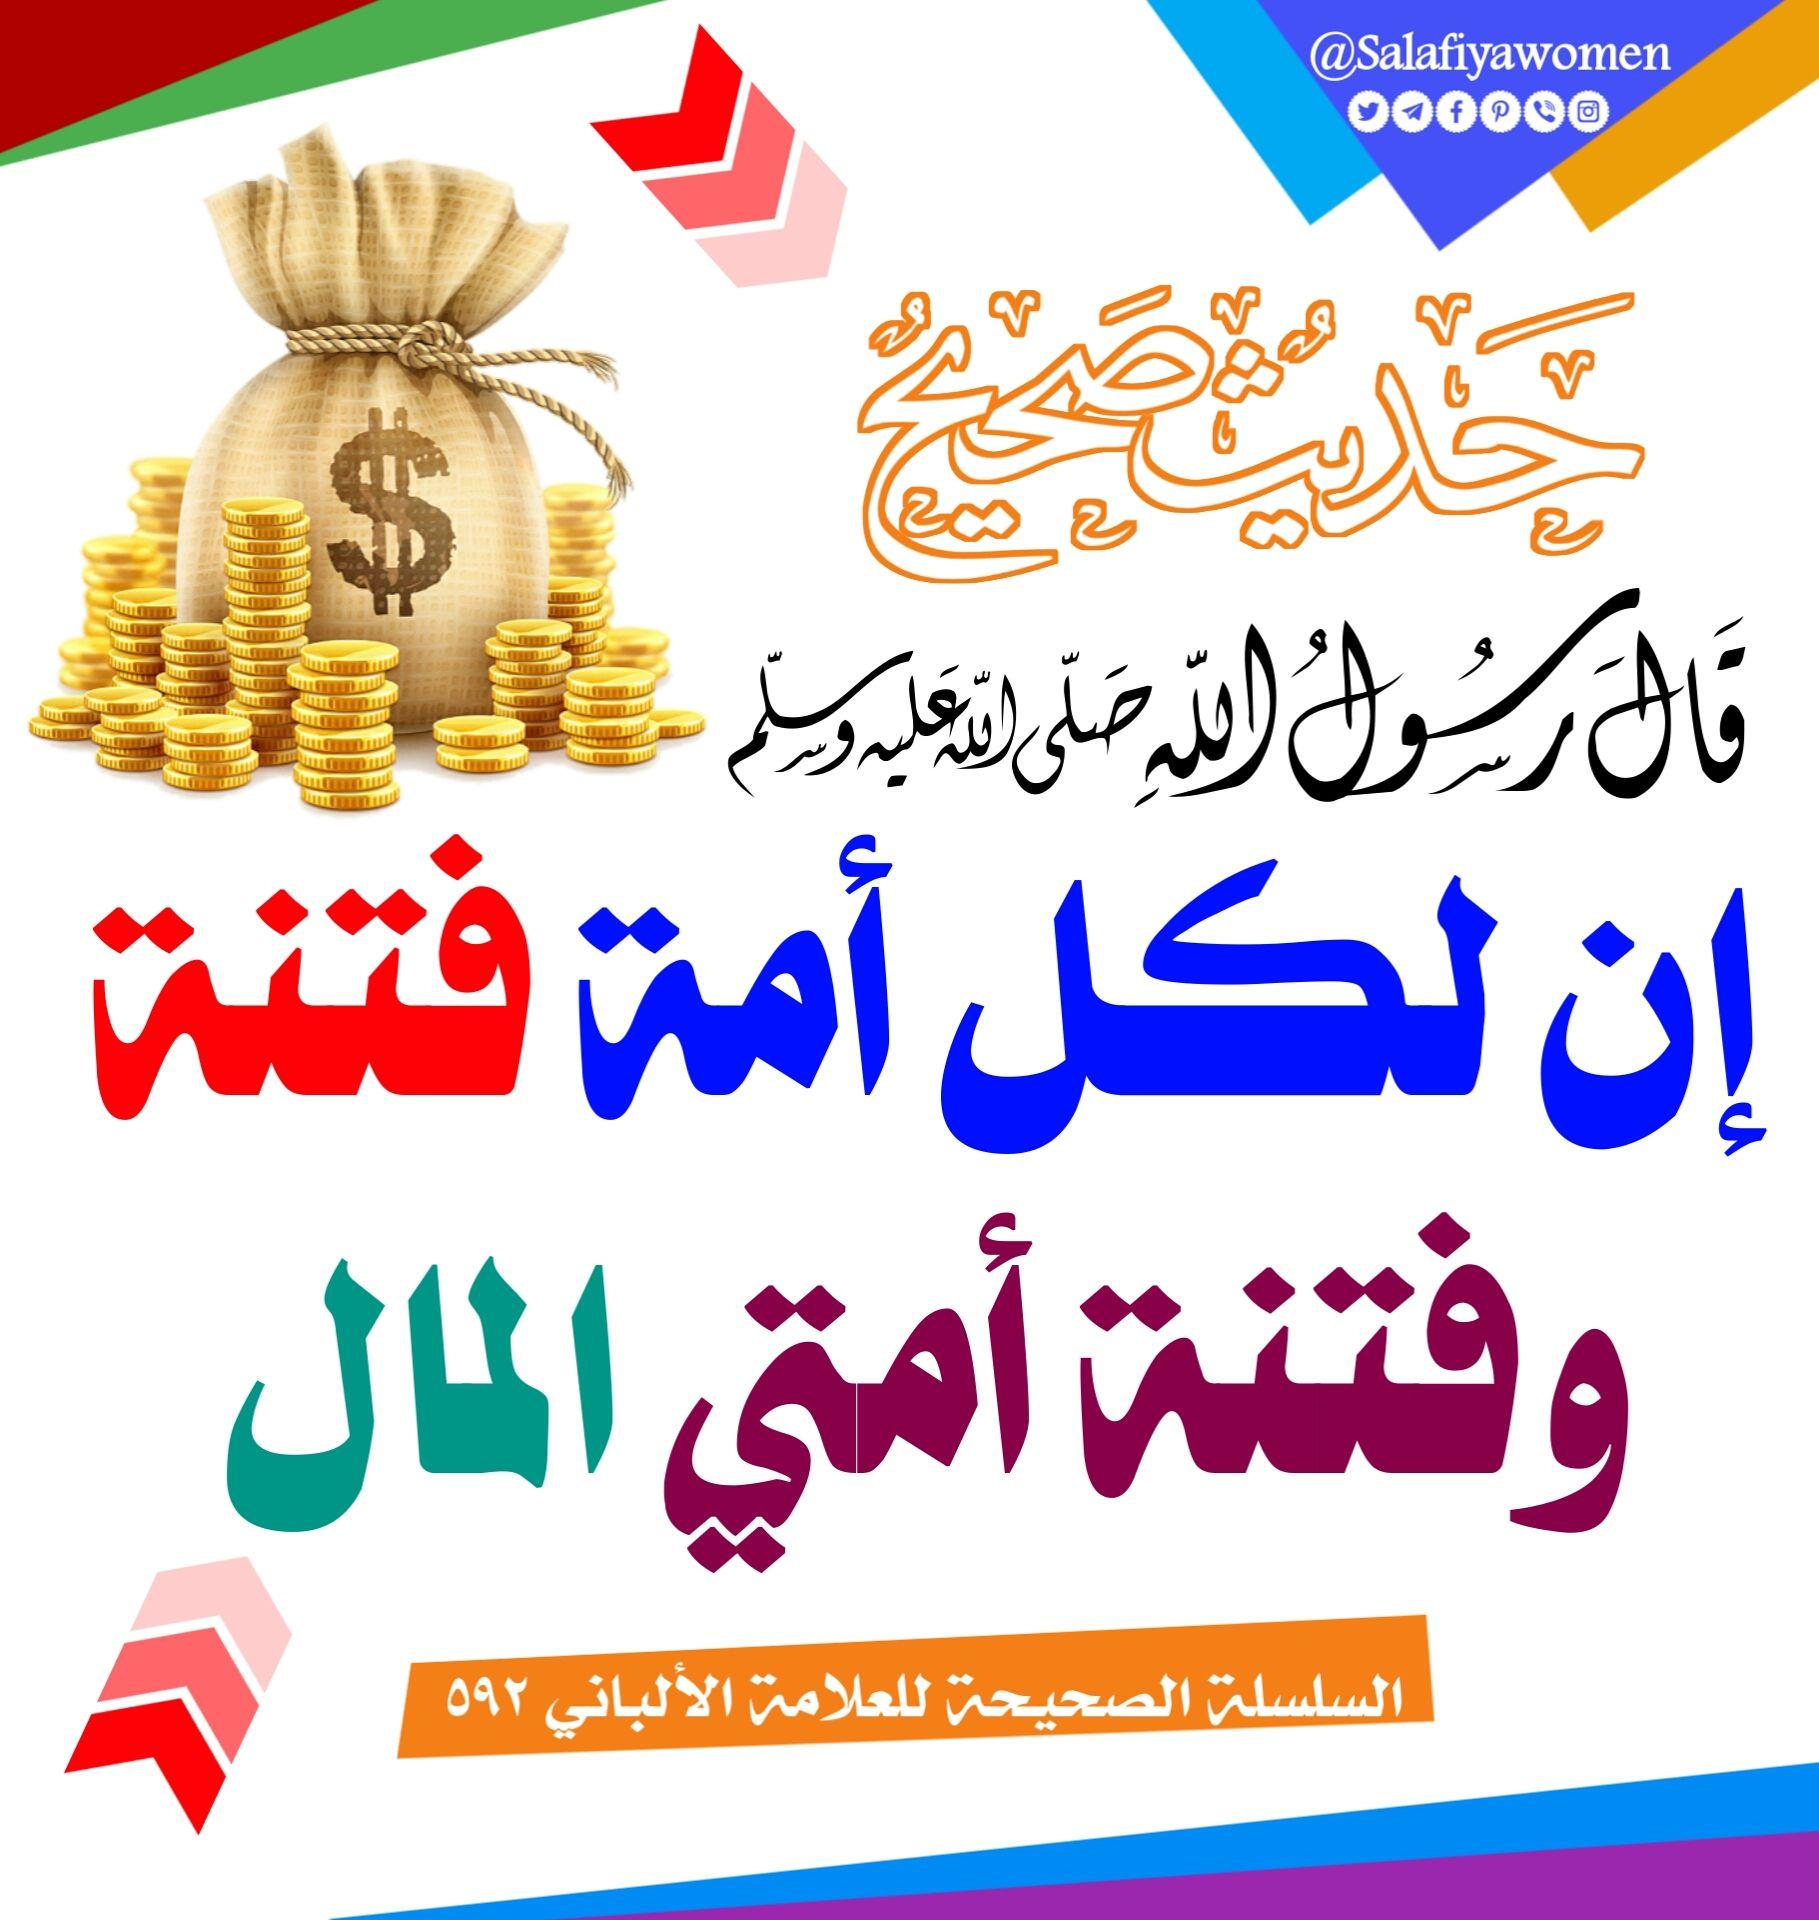 قال العلامة صالح الفوزان حفظه الله الفتنة والعياذ بالله إذا جاءت تعمي الأبصار